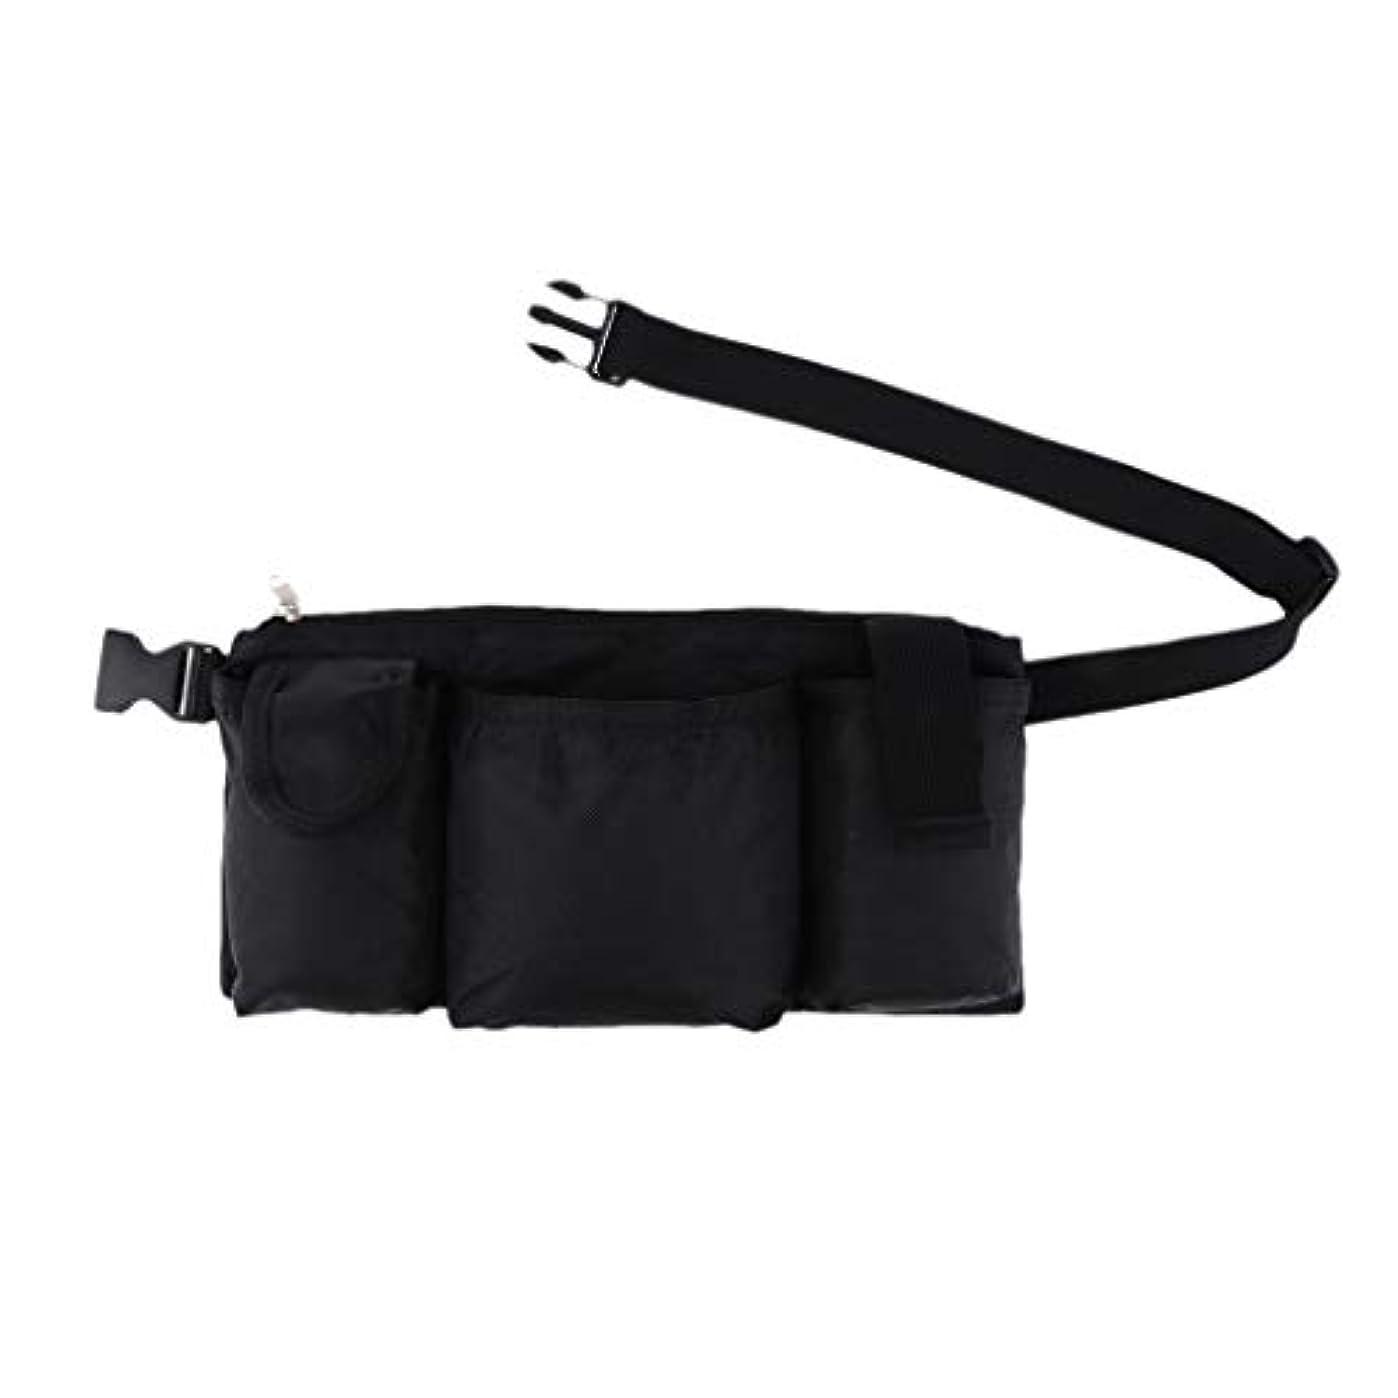 モトリー伝導情報作業員 サロン 美容師 ツールバッグ ウエストバッグ 収納ポッチ 4つのポケット 防水 黒